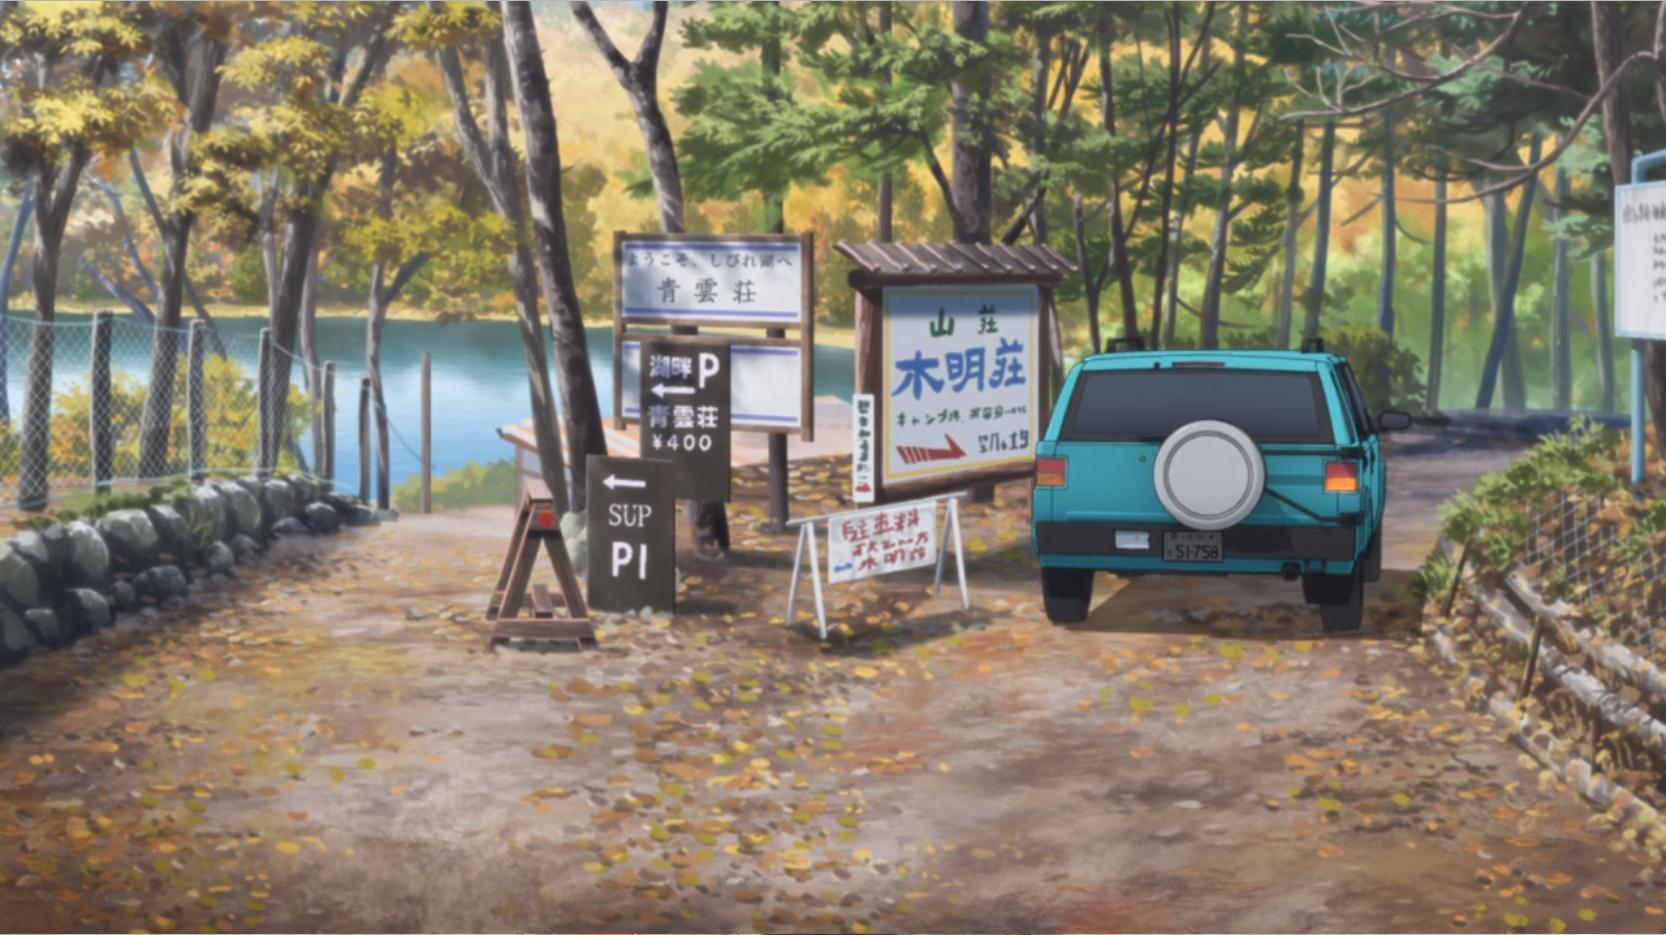 アニメ『ゆるキャン△』6話で志摩リンとなでしこが来たキャンプ場